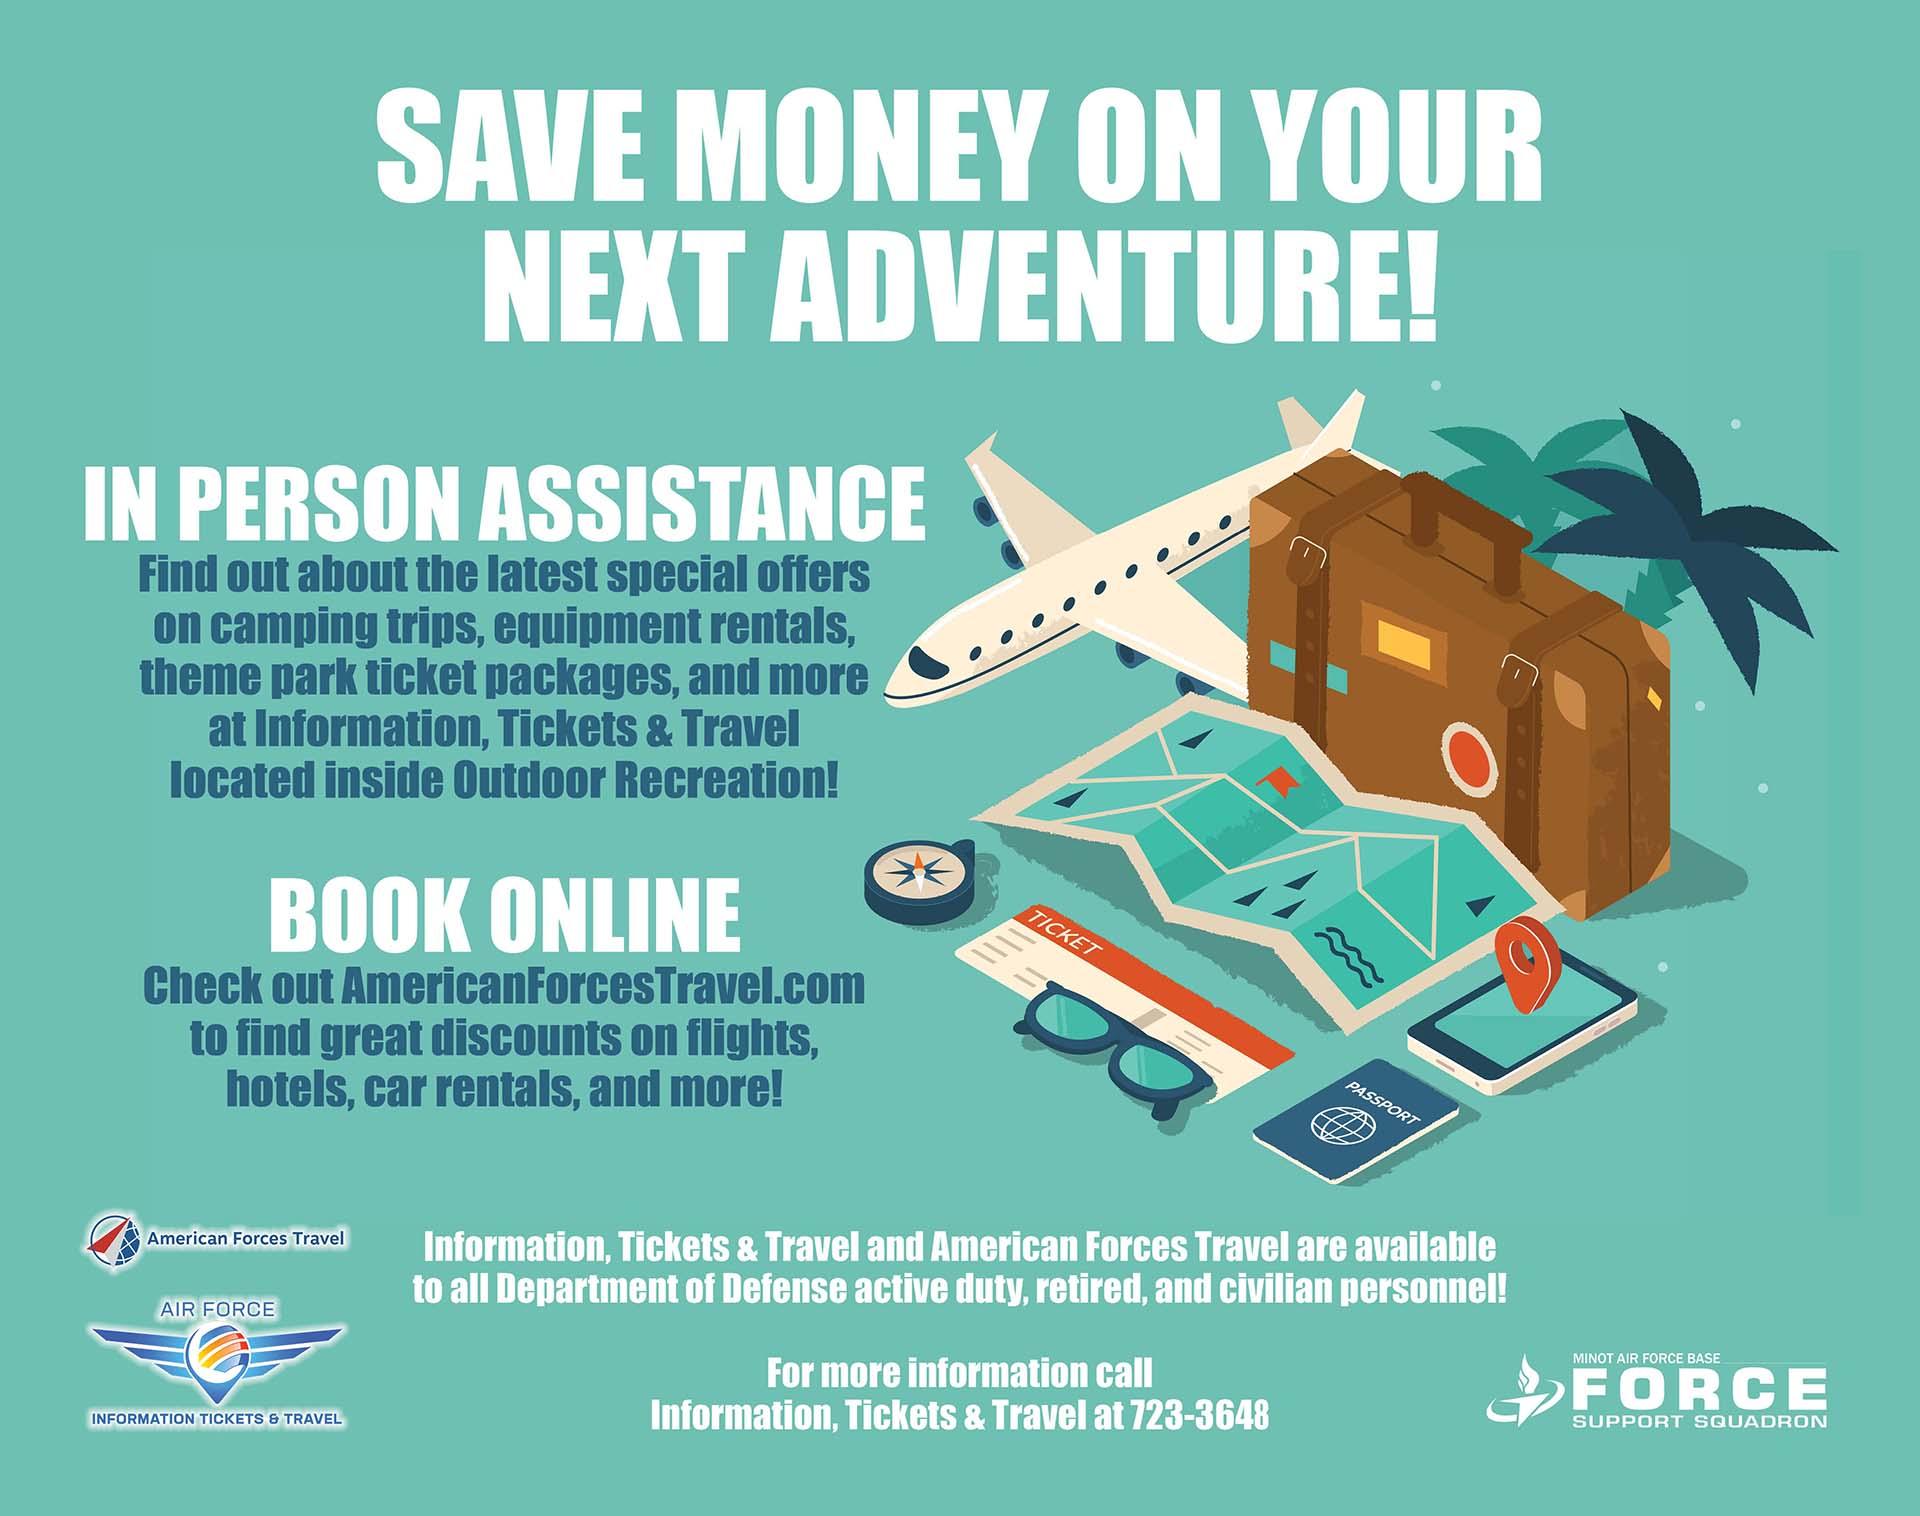 ITT - AFT - Your Next Adventure